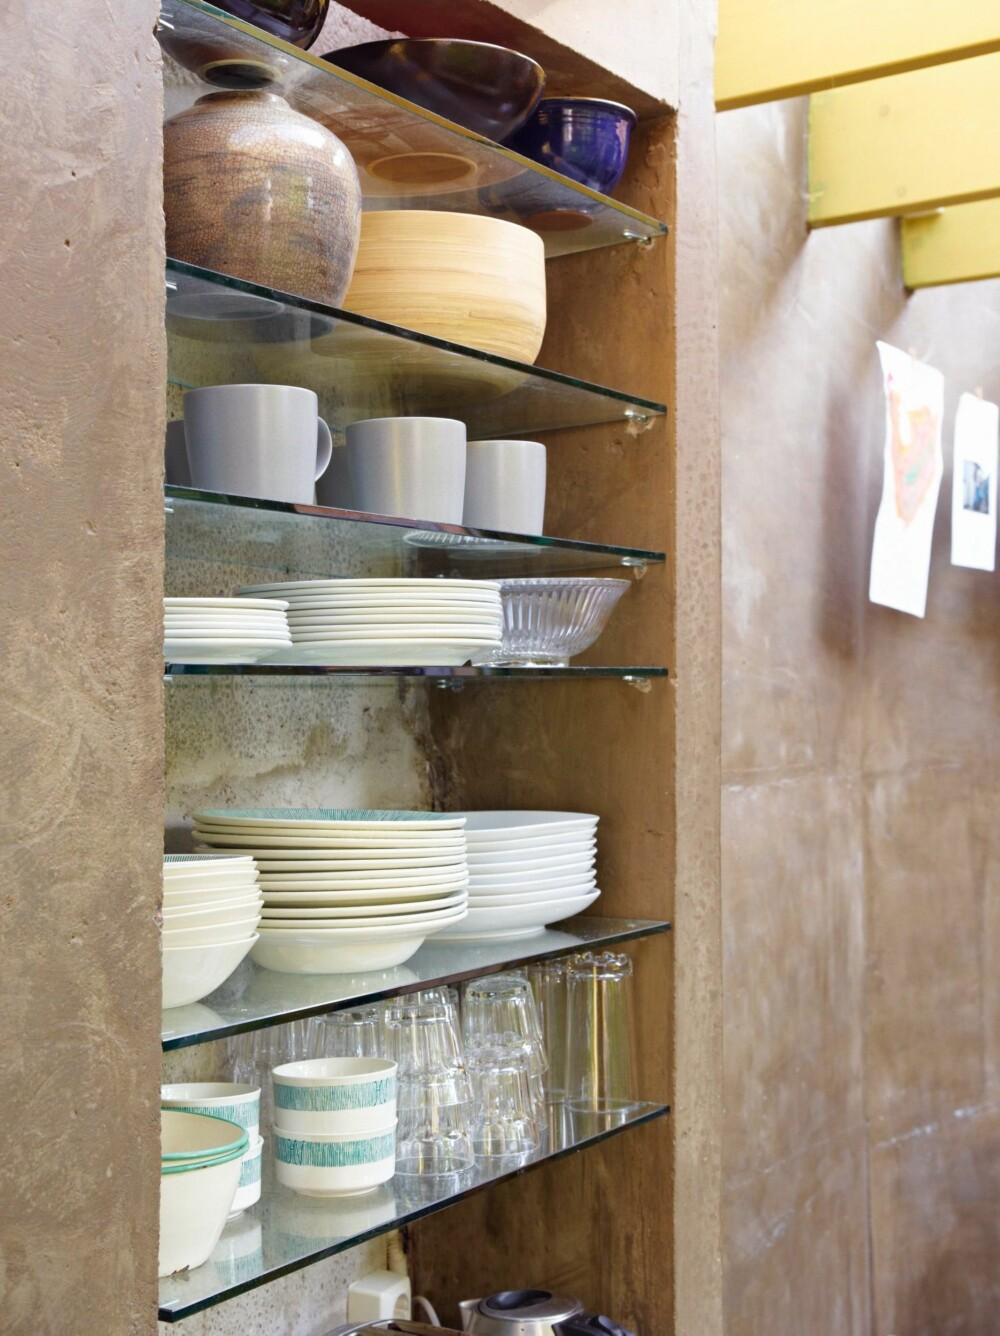 LETT TILGJENGELIG: Dekorativt og praktisk, så lenge du klarer å holde orden. Et tips dersom du planlegger åpne hyller er å tilpasse det i forkant til de kjøkkenartiklene du har.